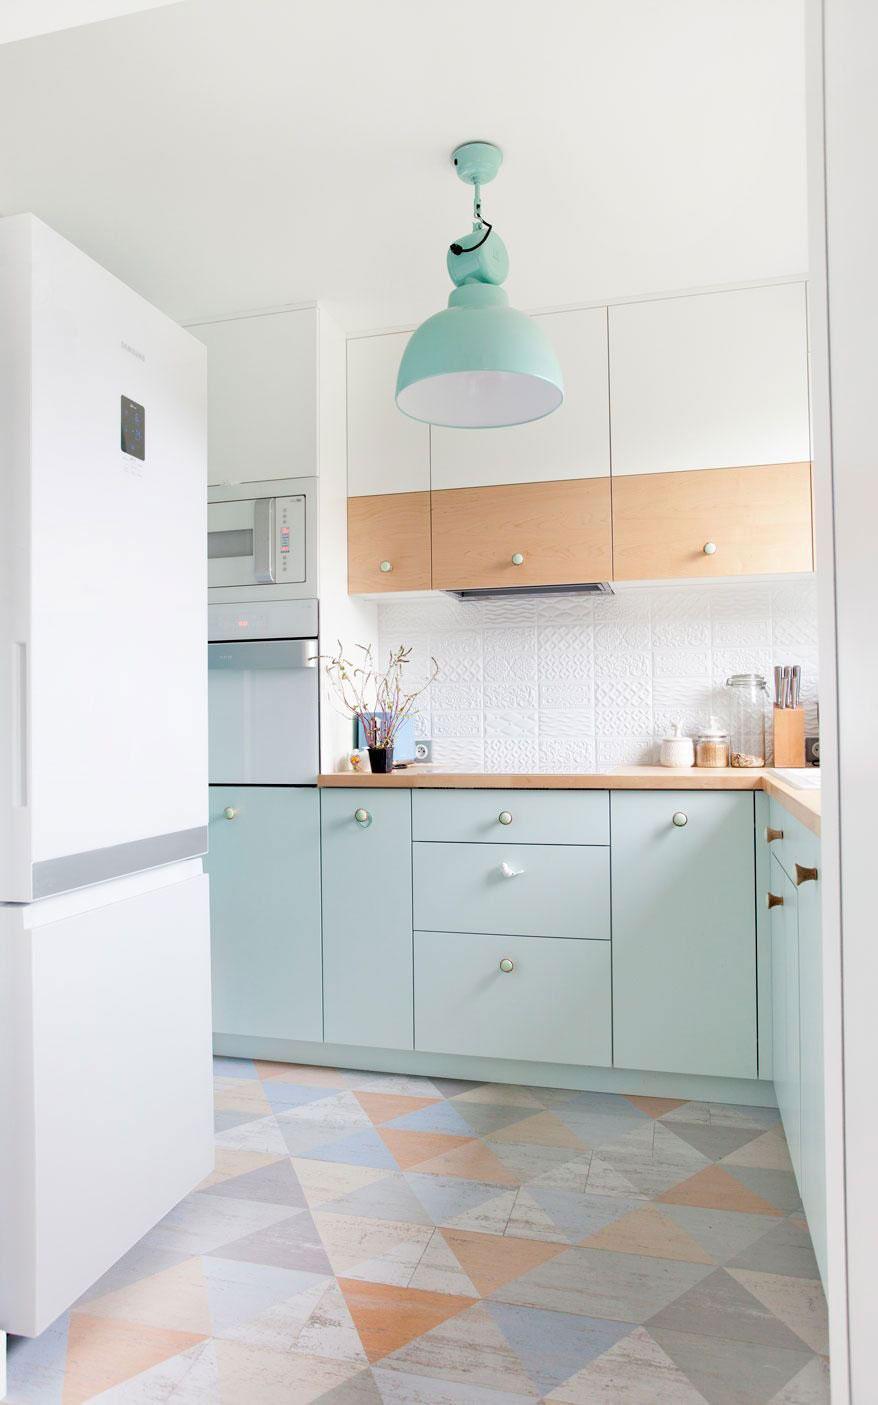 Màu pastel khiến không gian nhà bếp trở nên ngọt ngào và sáng sủa hơn